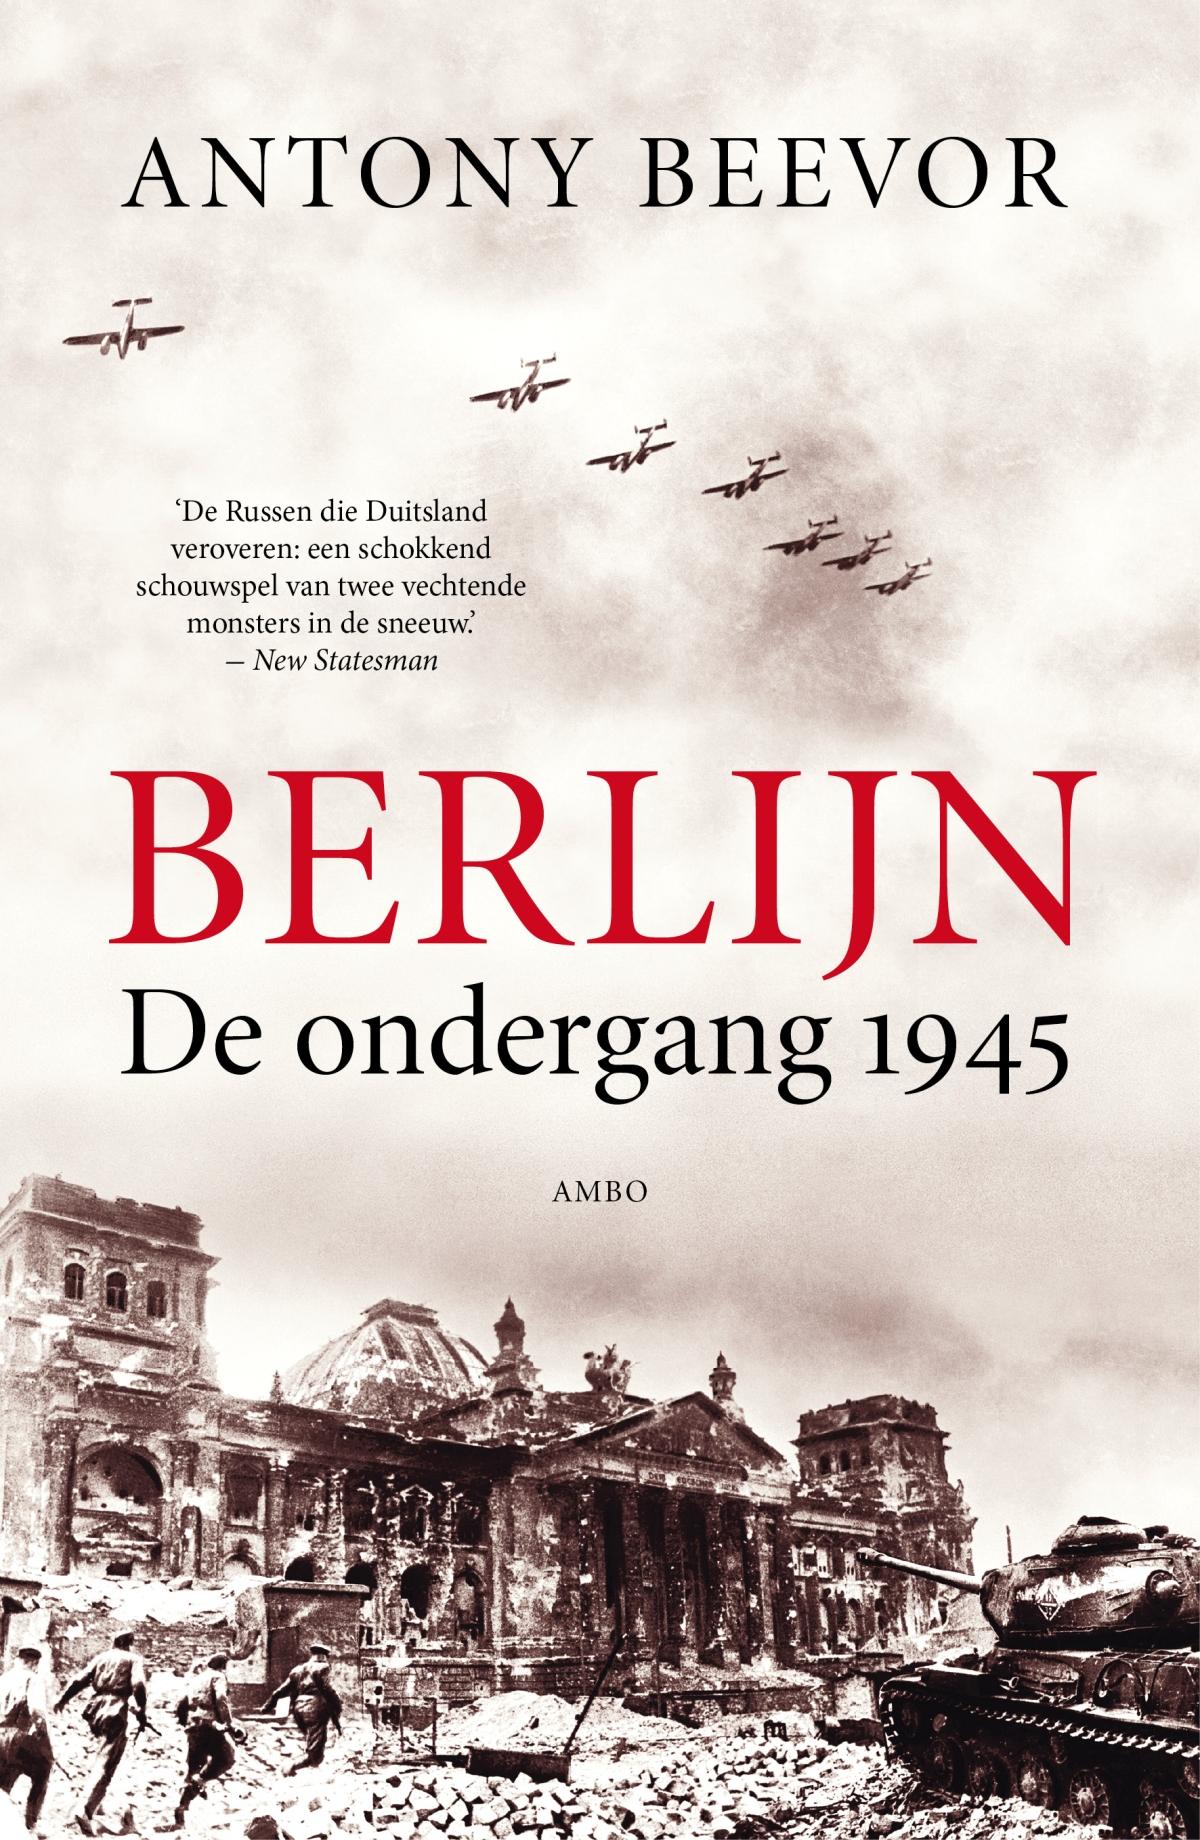 Berlijn - Antony Beevor